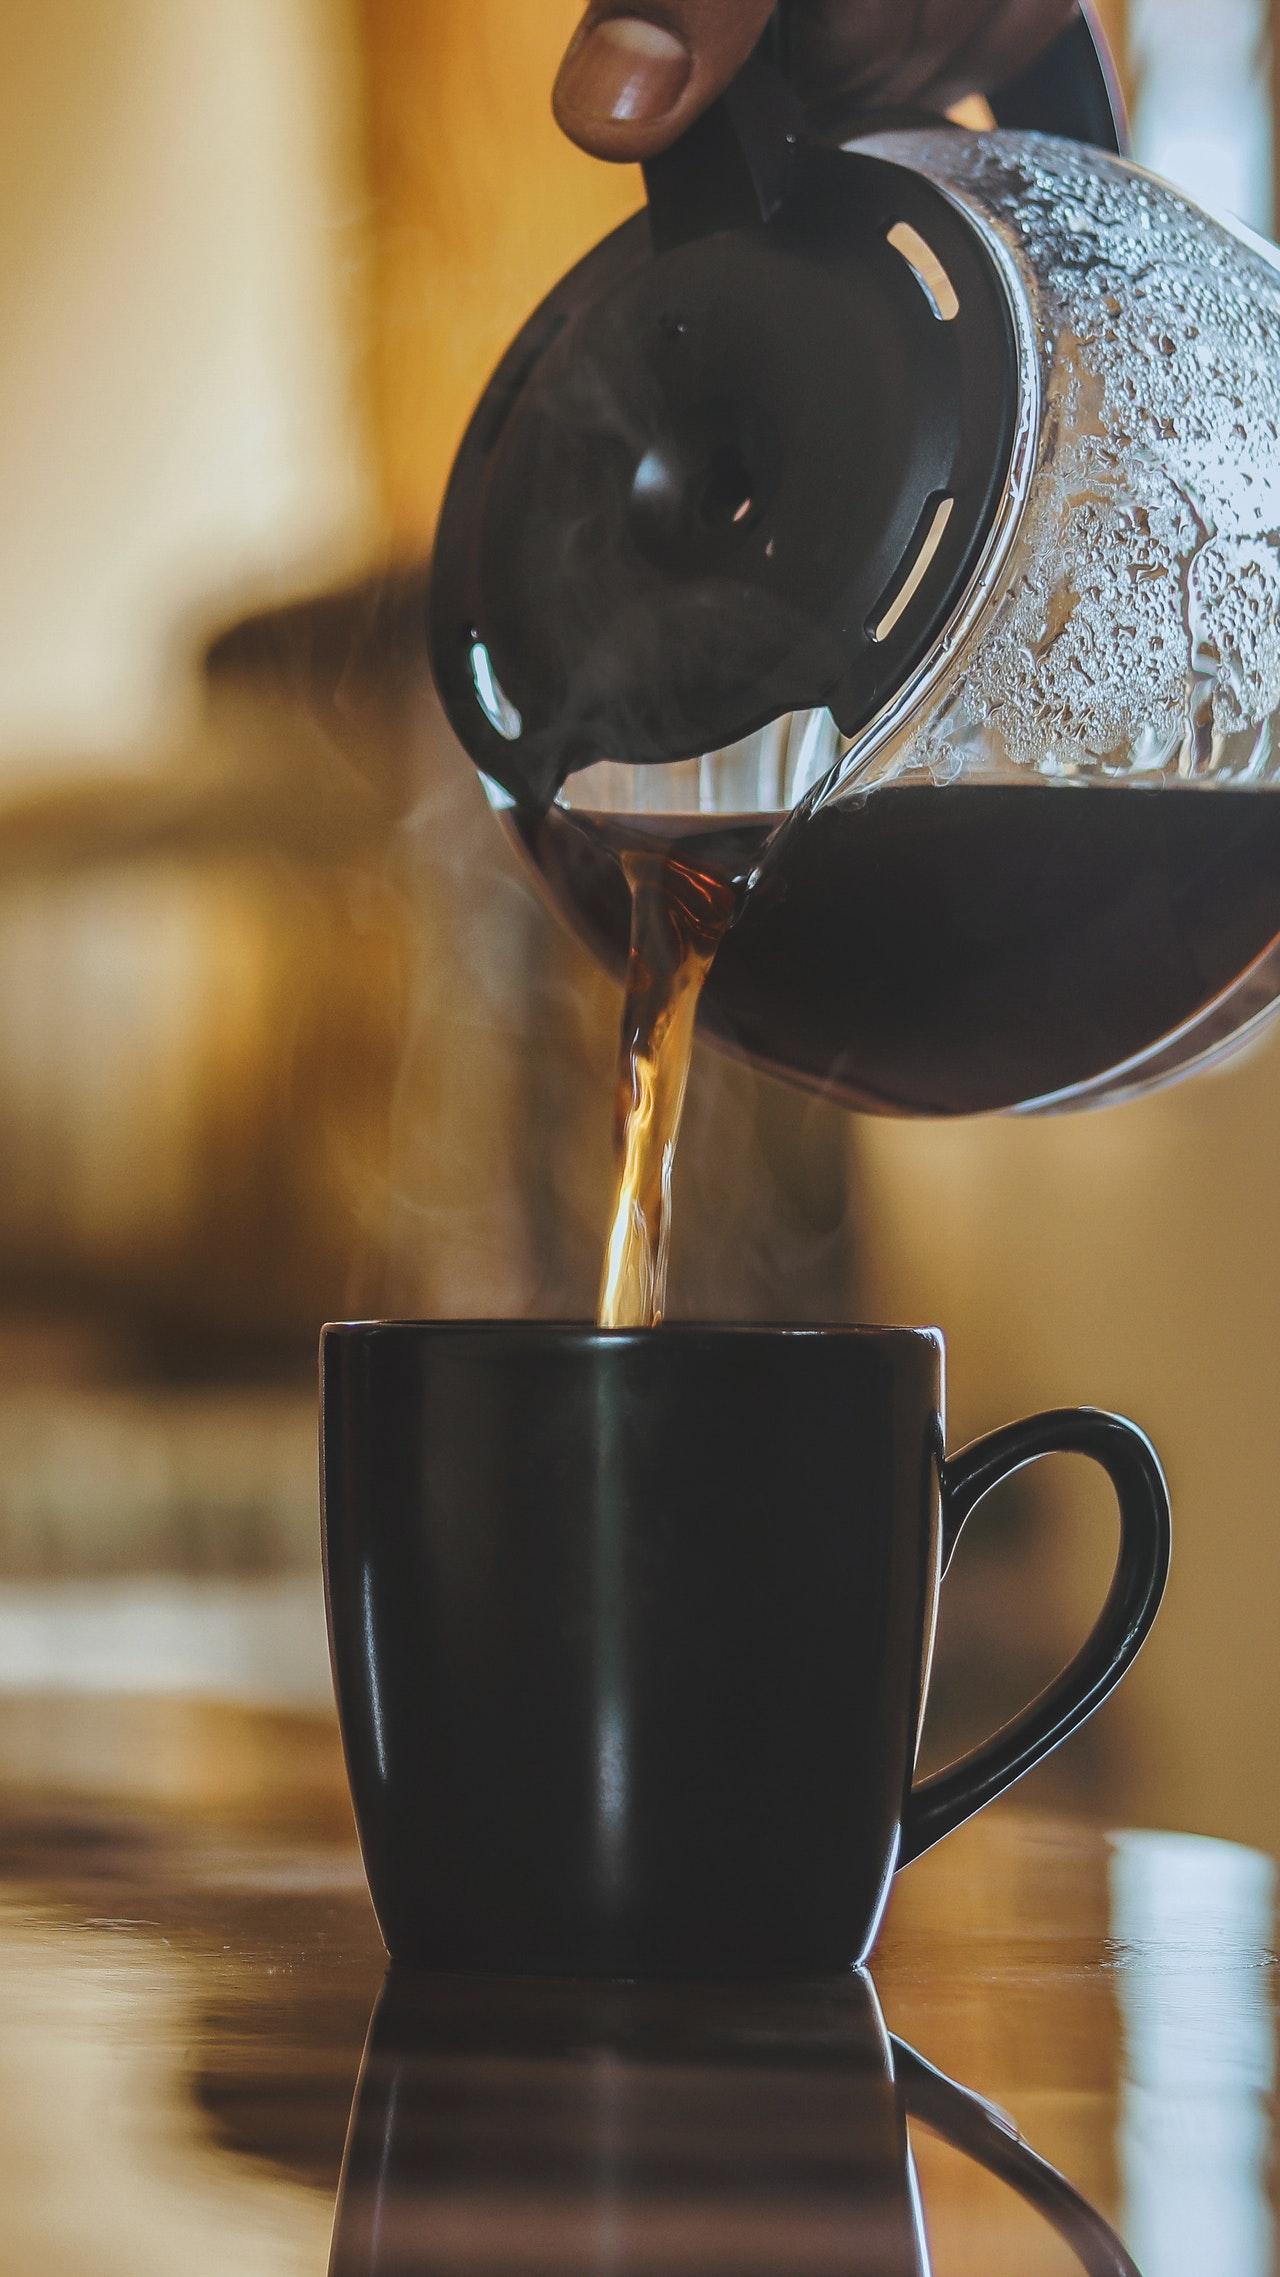 WMF Kaffeemaschinen gibt es in unterschiedlichen Größen.